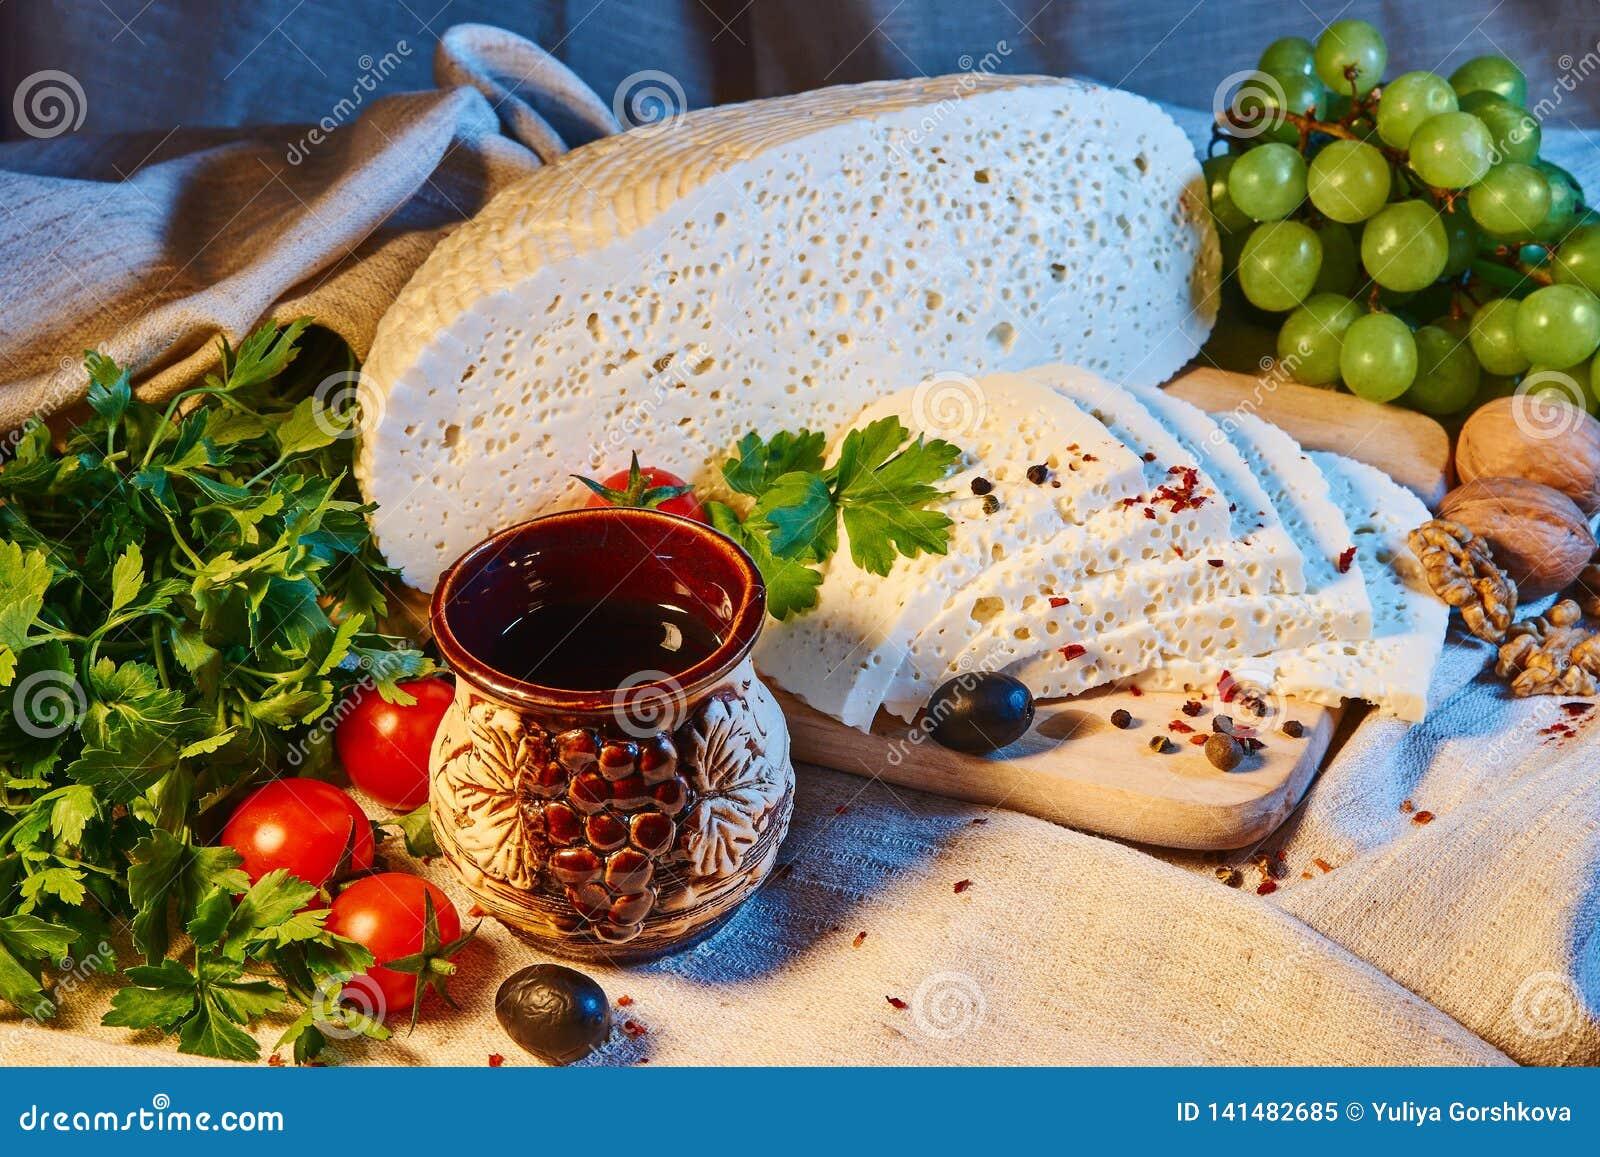 Selbst gemachter georgischer Imeretian-Käse auf einem hölzernen Brett, Kirschtomaten, Walnüsse, Trauben, Gewürze